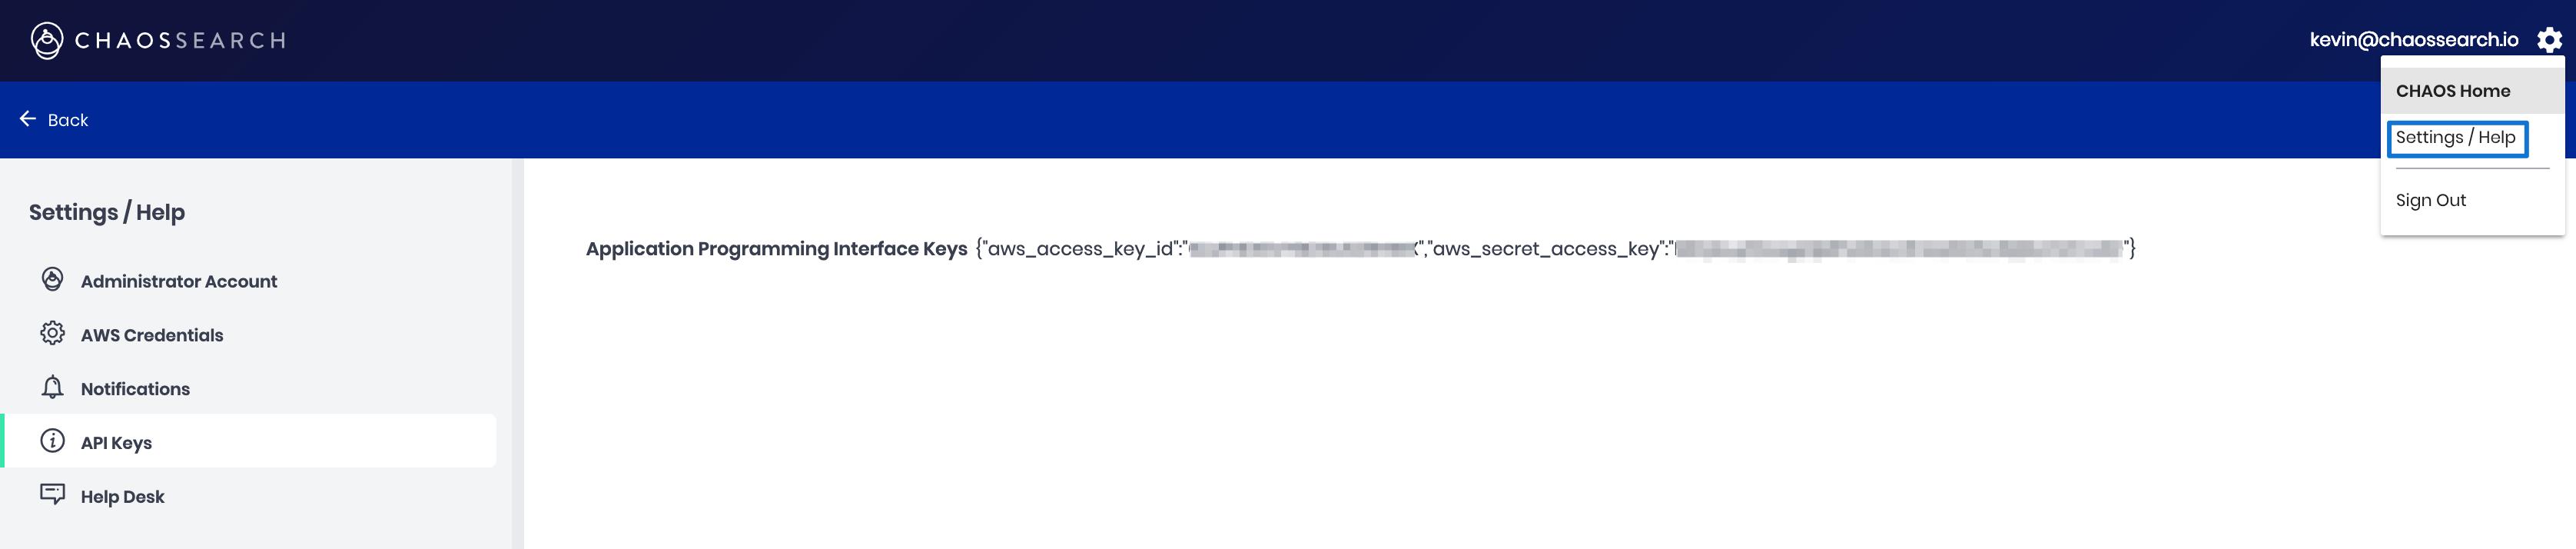 Elasticsearch API Extensions